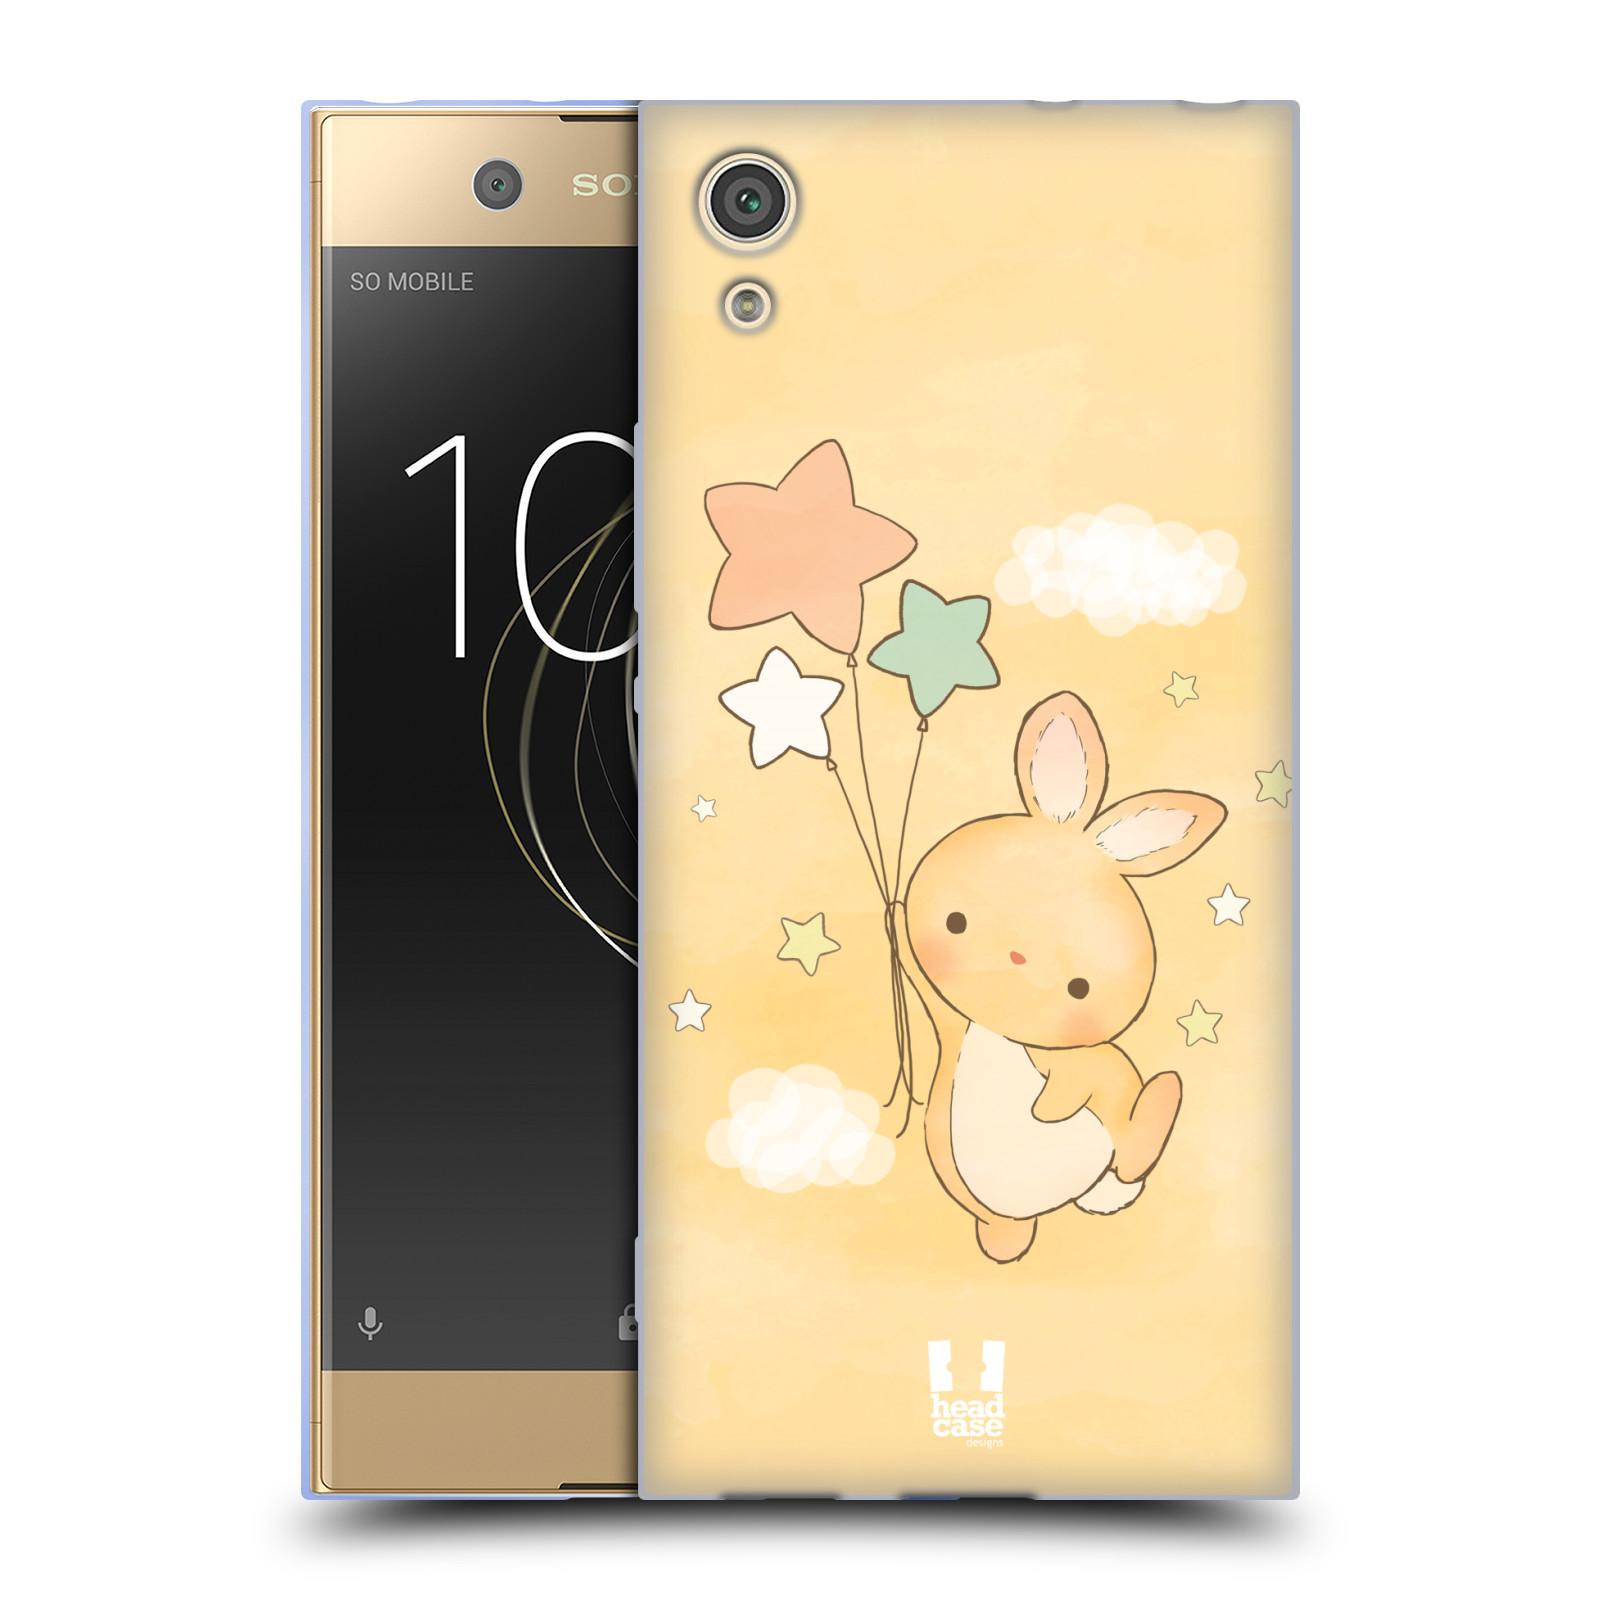 HEAD CASE silikonový obal na mobil Sony Xperia XA1 / XA1 DUAL SIM vzor králíček a hvězdy žlutá